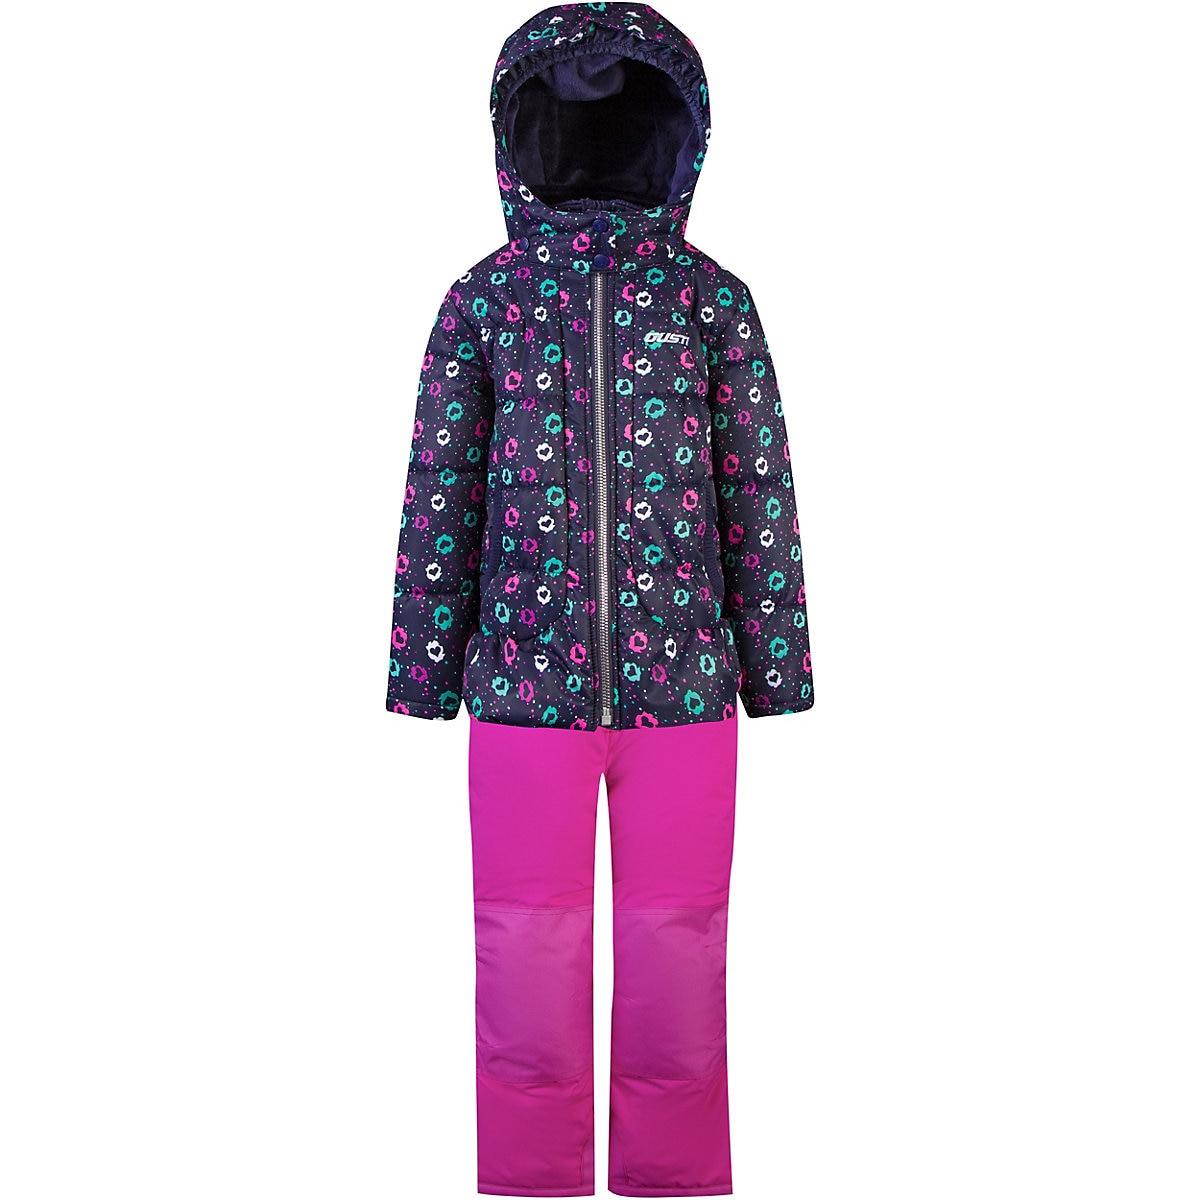 GUSTI ensembles pour enfants 9511931 vêtements pour filles ensemble robe vêtements d'hiver fille enfants portent MTpromo